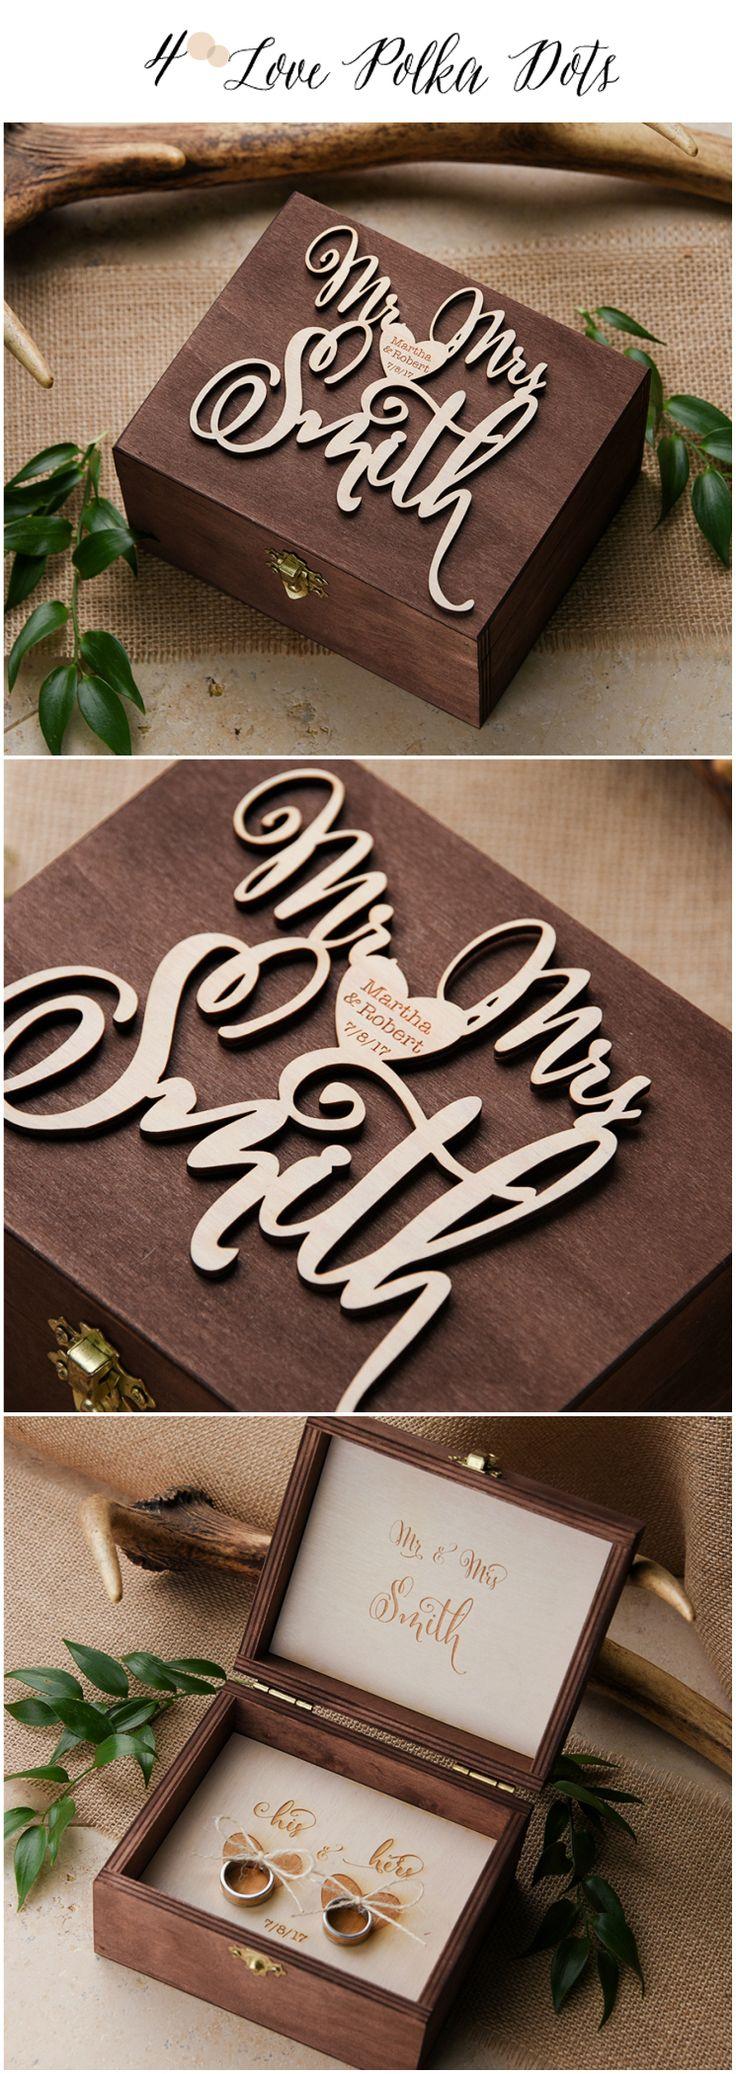 Mr & Mrs Wooden Wedding Ring Bearer box with custom engraving #sponsored